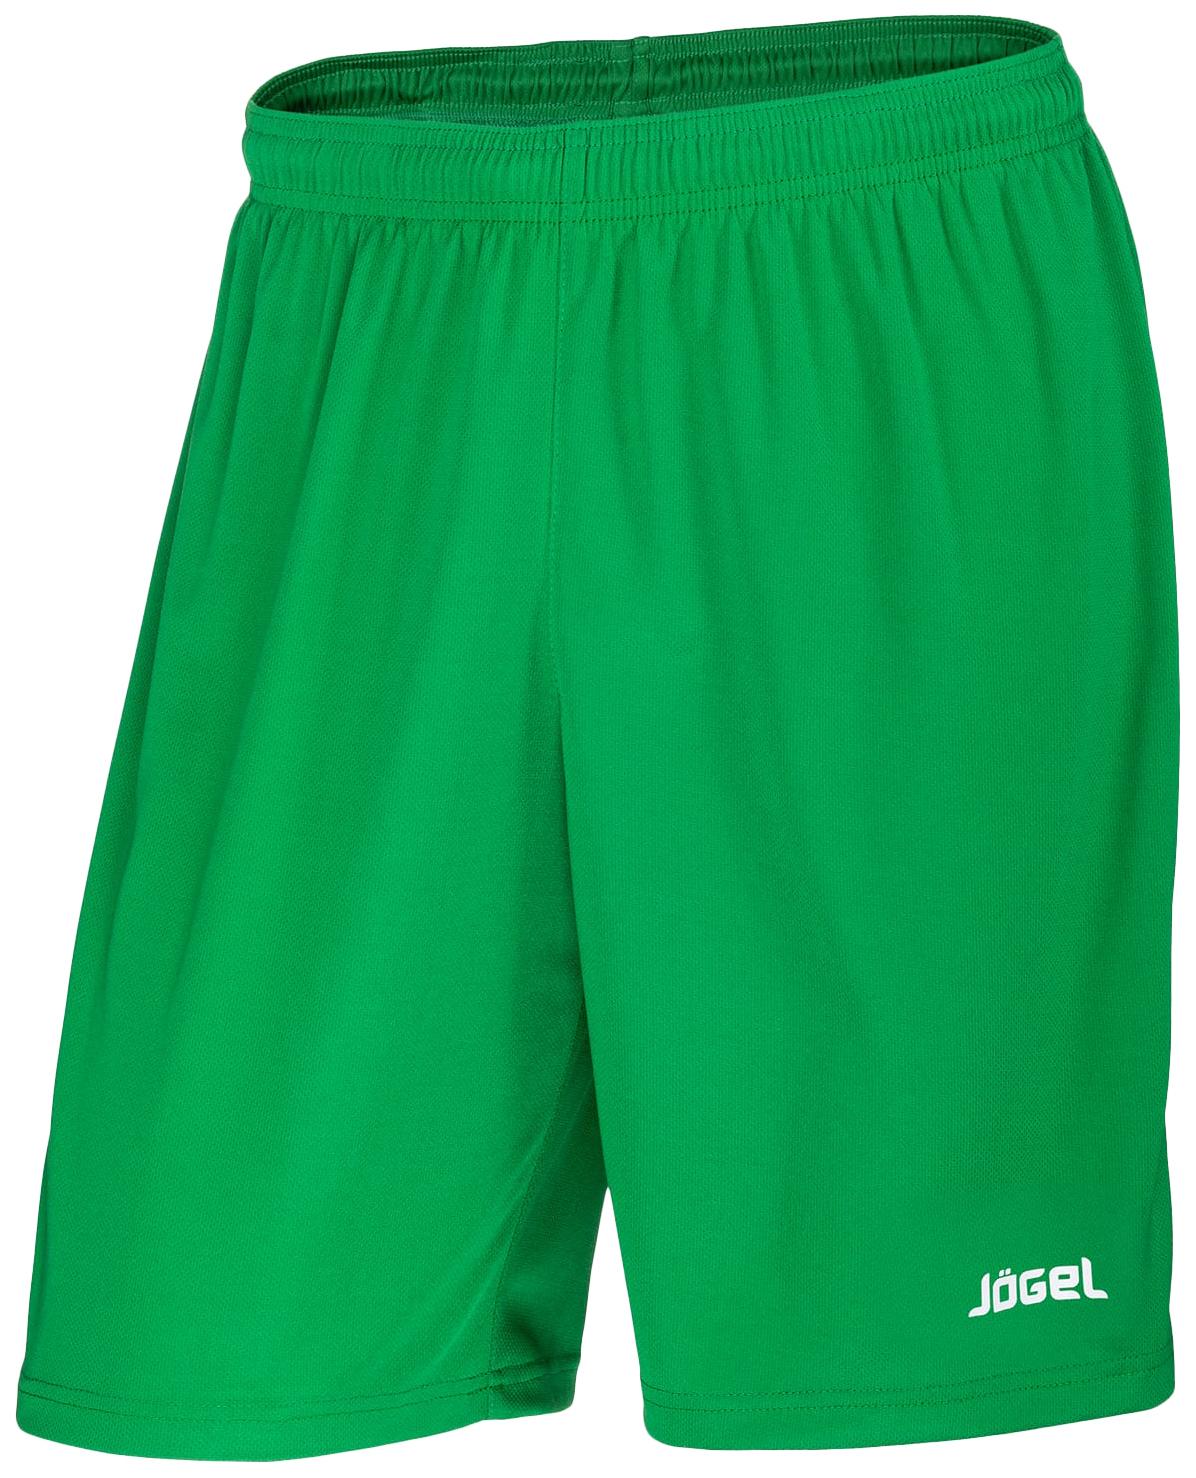 Шорты баскетбольные детские Jogel зеленые JBS 1120